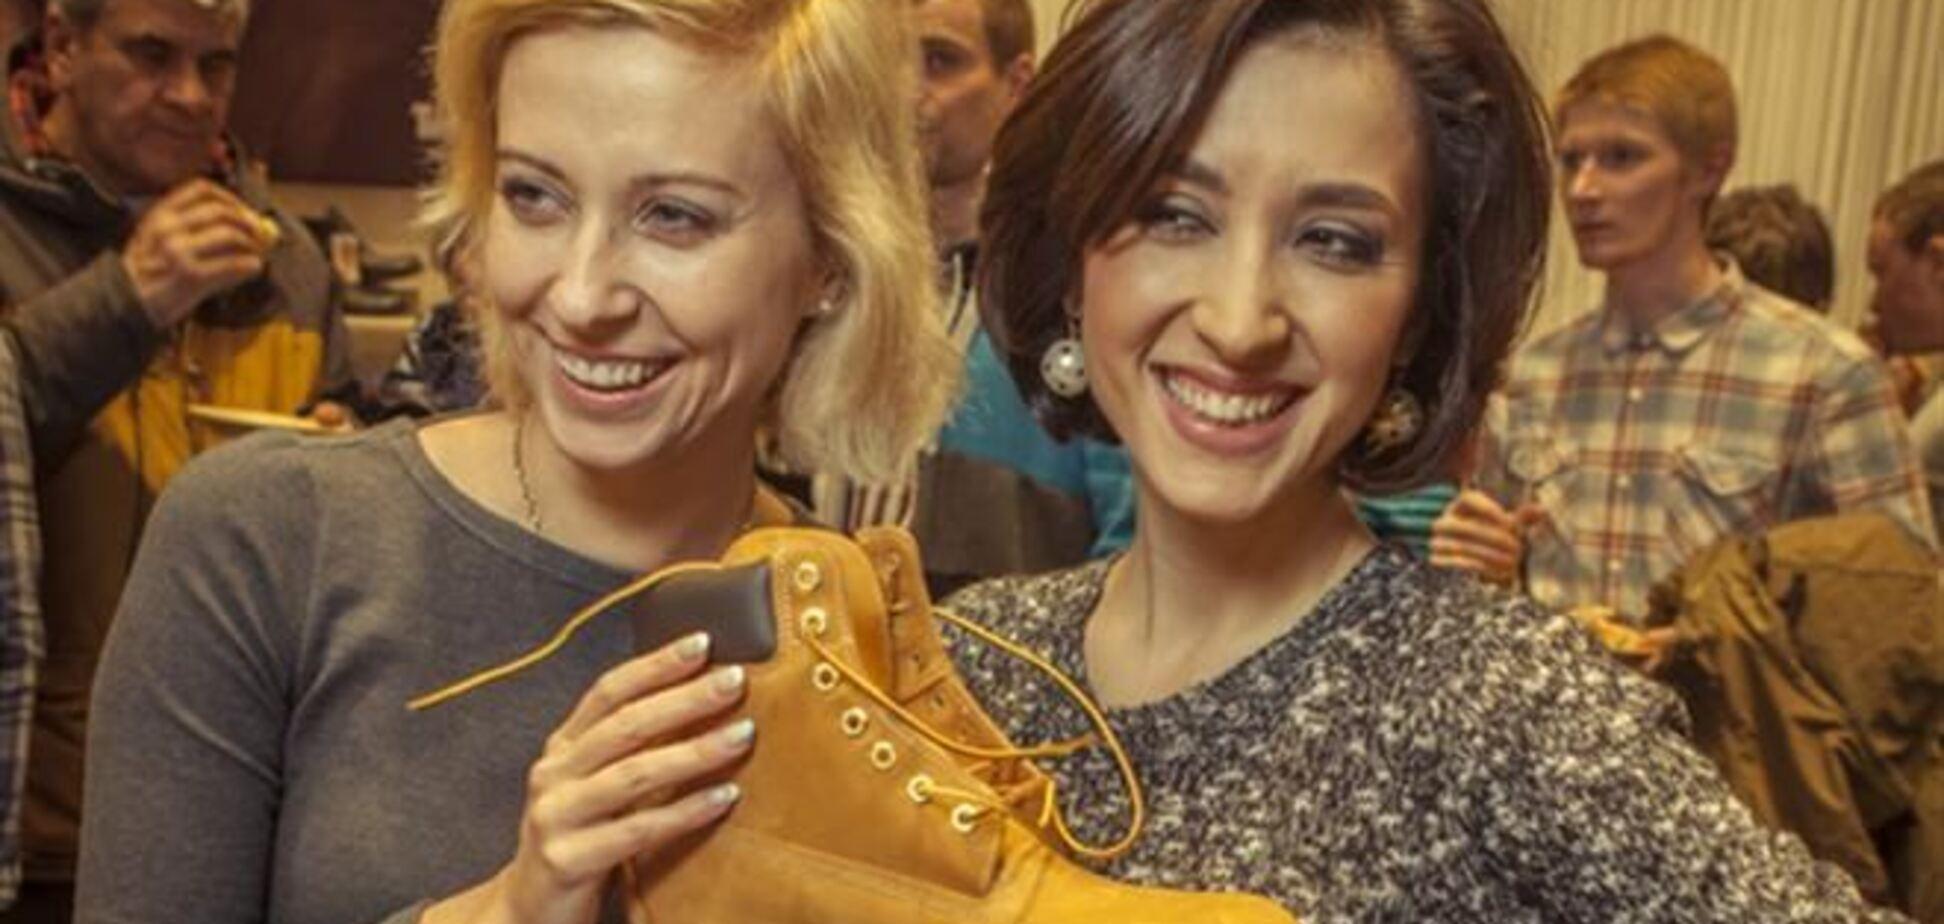 Гордієнко, Лавіка і Матвієнко відірвалися на тусовці жовтих черевиків